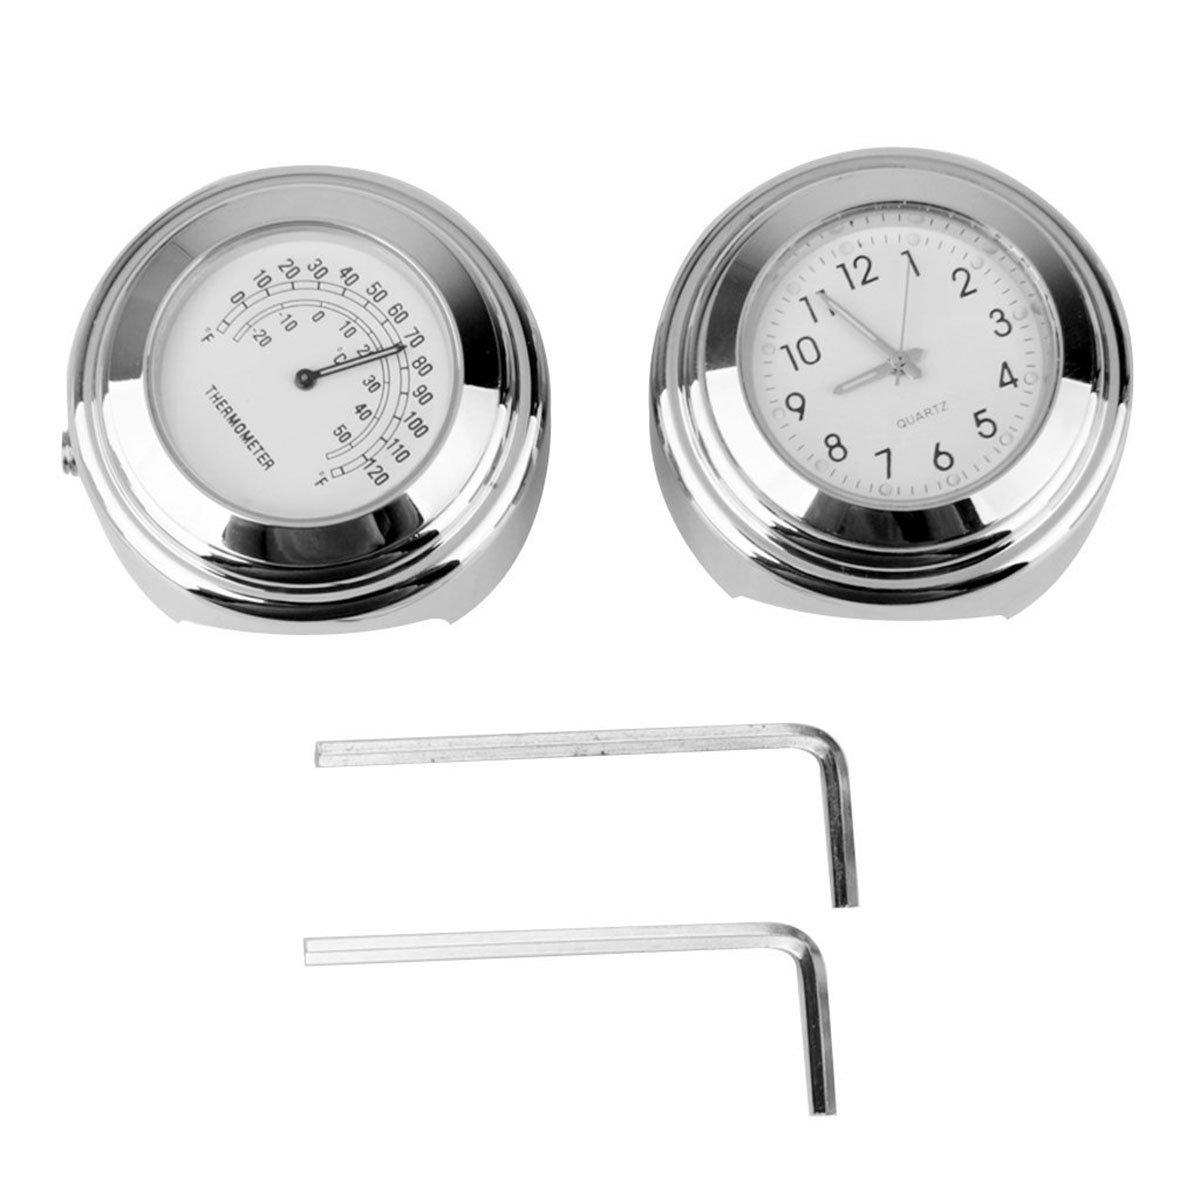 WINOMO 2 Piezas Reloj y Termómetro para Manillar de Moto 7/8 Pulgada 1 Pulgada